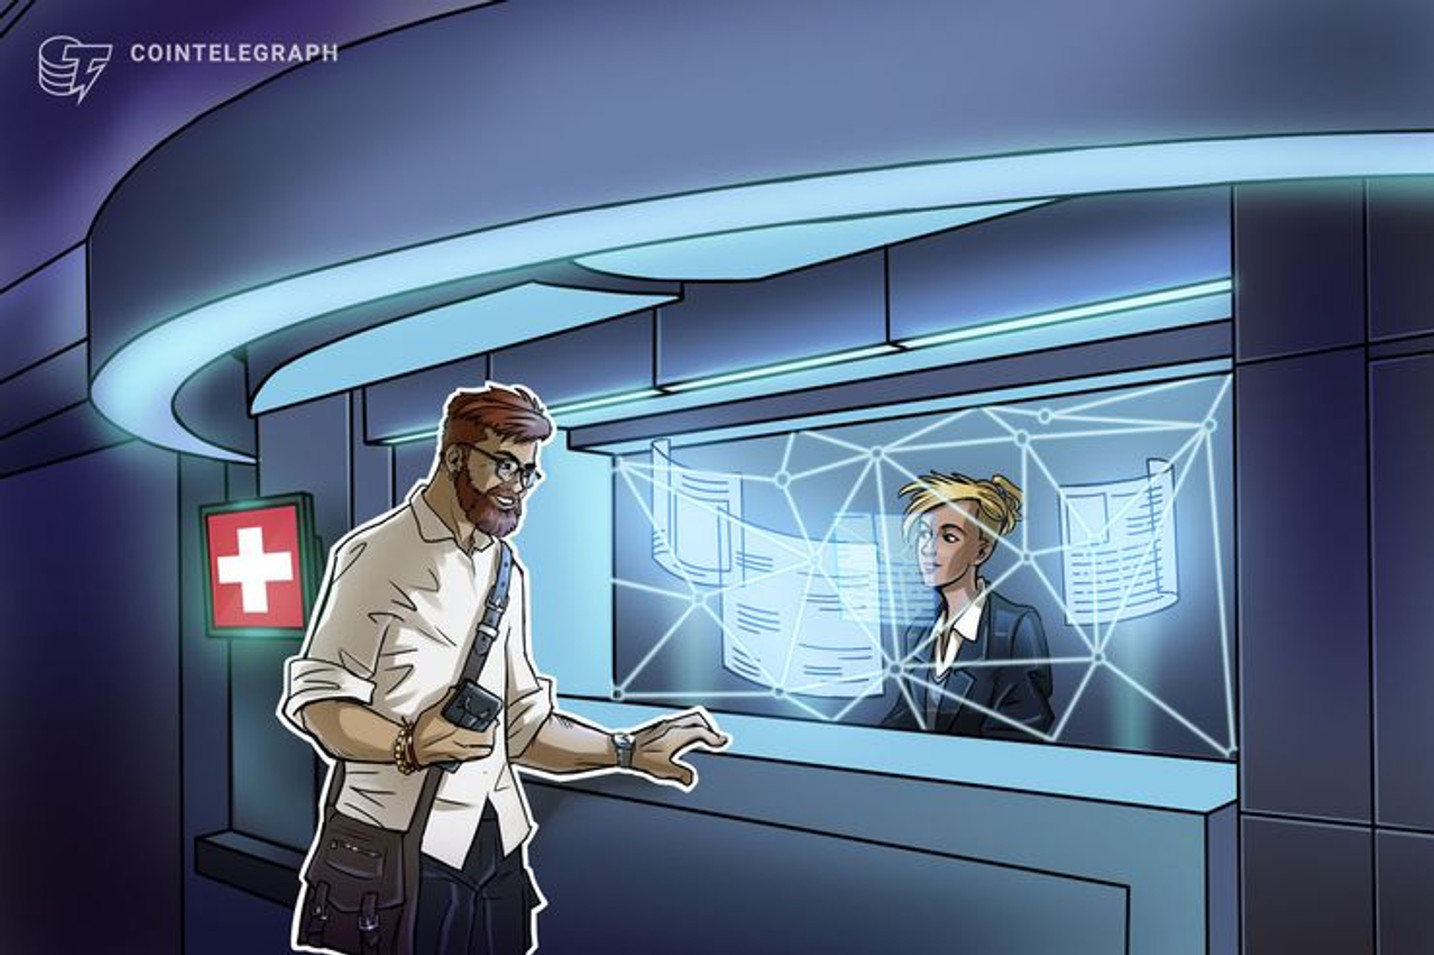 Schweizer Börse: Blockchain-Handelsplattform kommt später als zunächst geplant